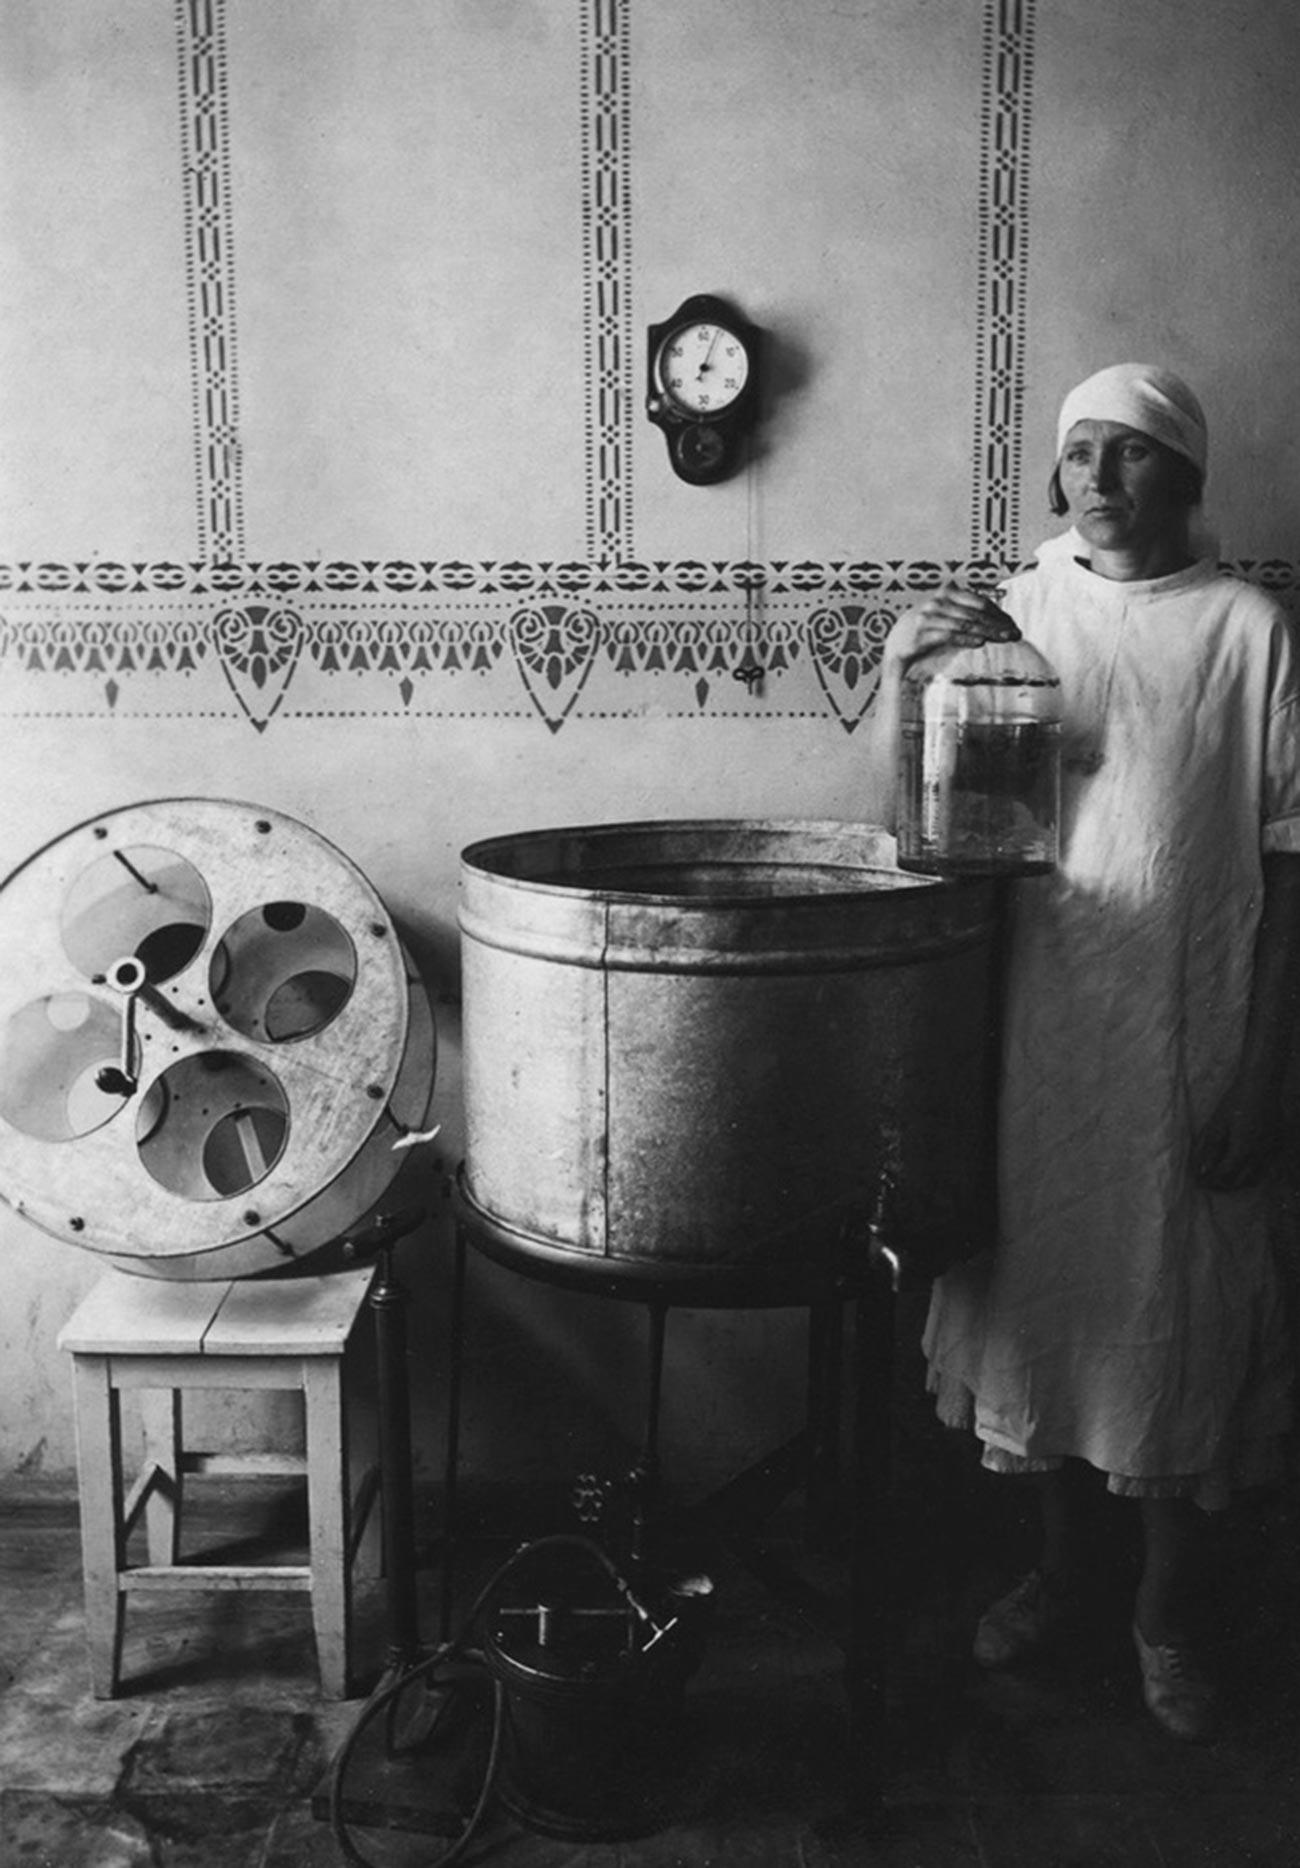 ウズベク共和国タシケントのワクチン・ホエイ研究所でポーズを取る看護婦、1920年代